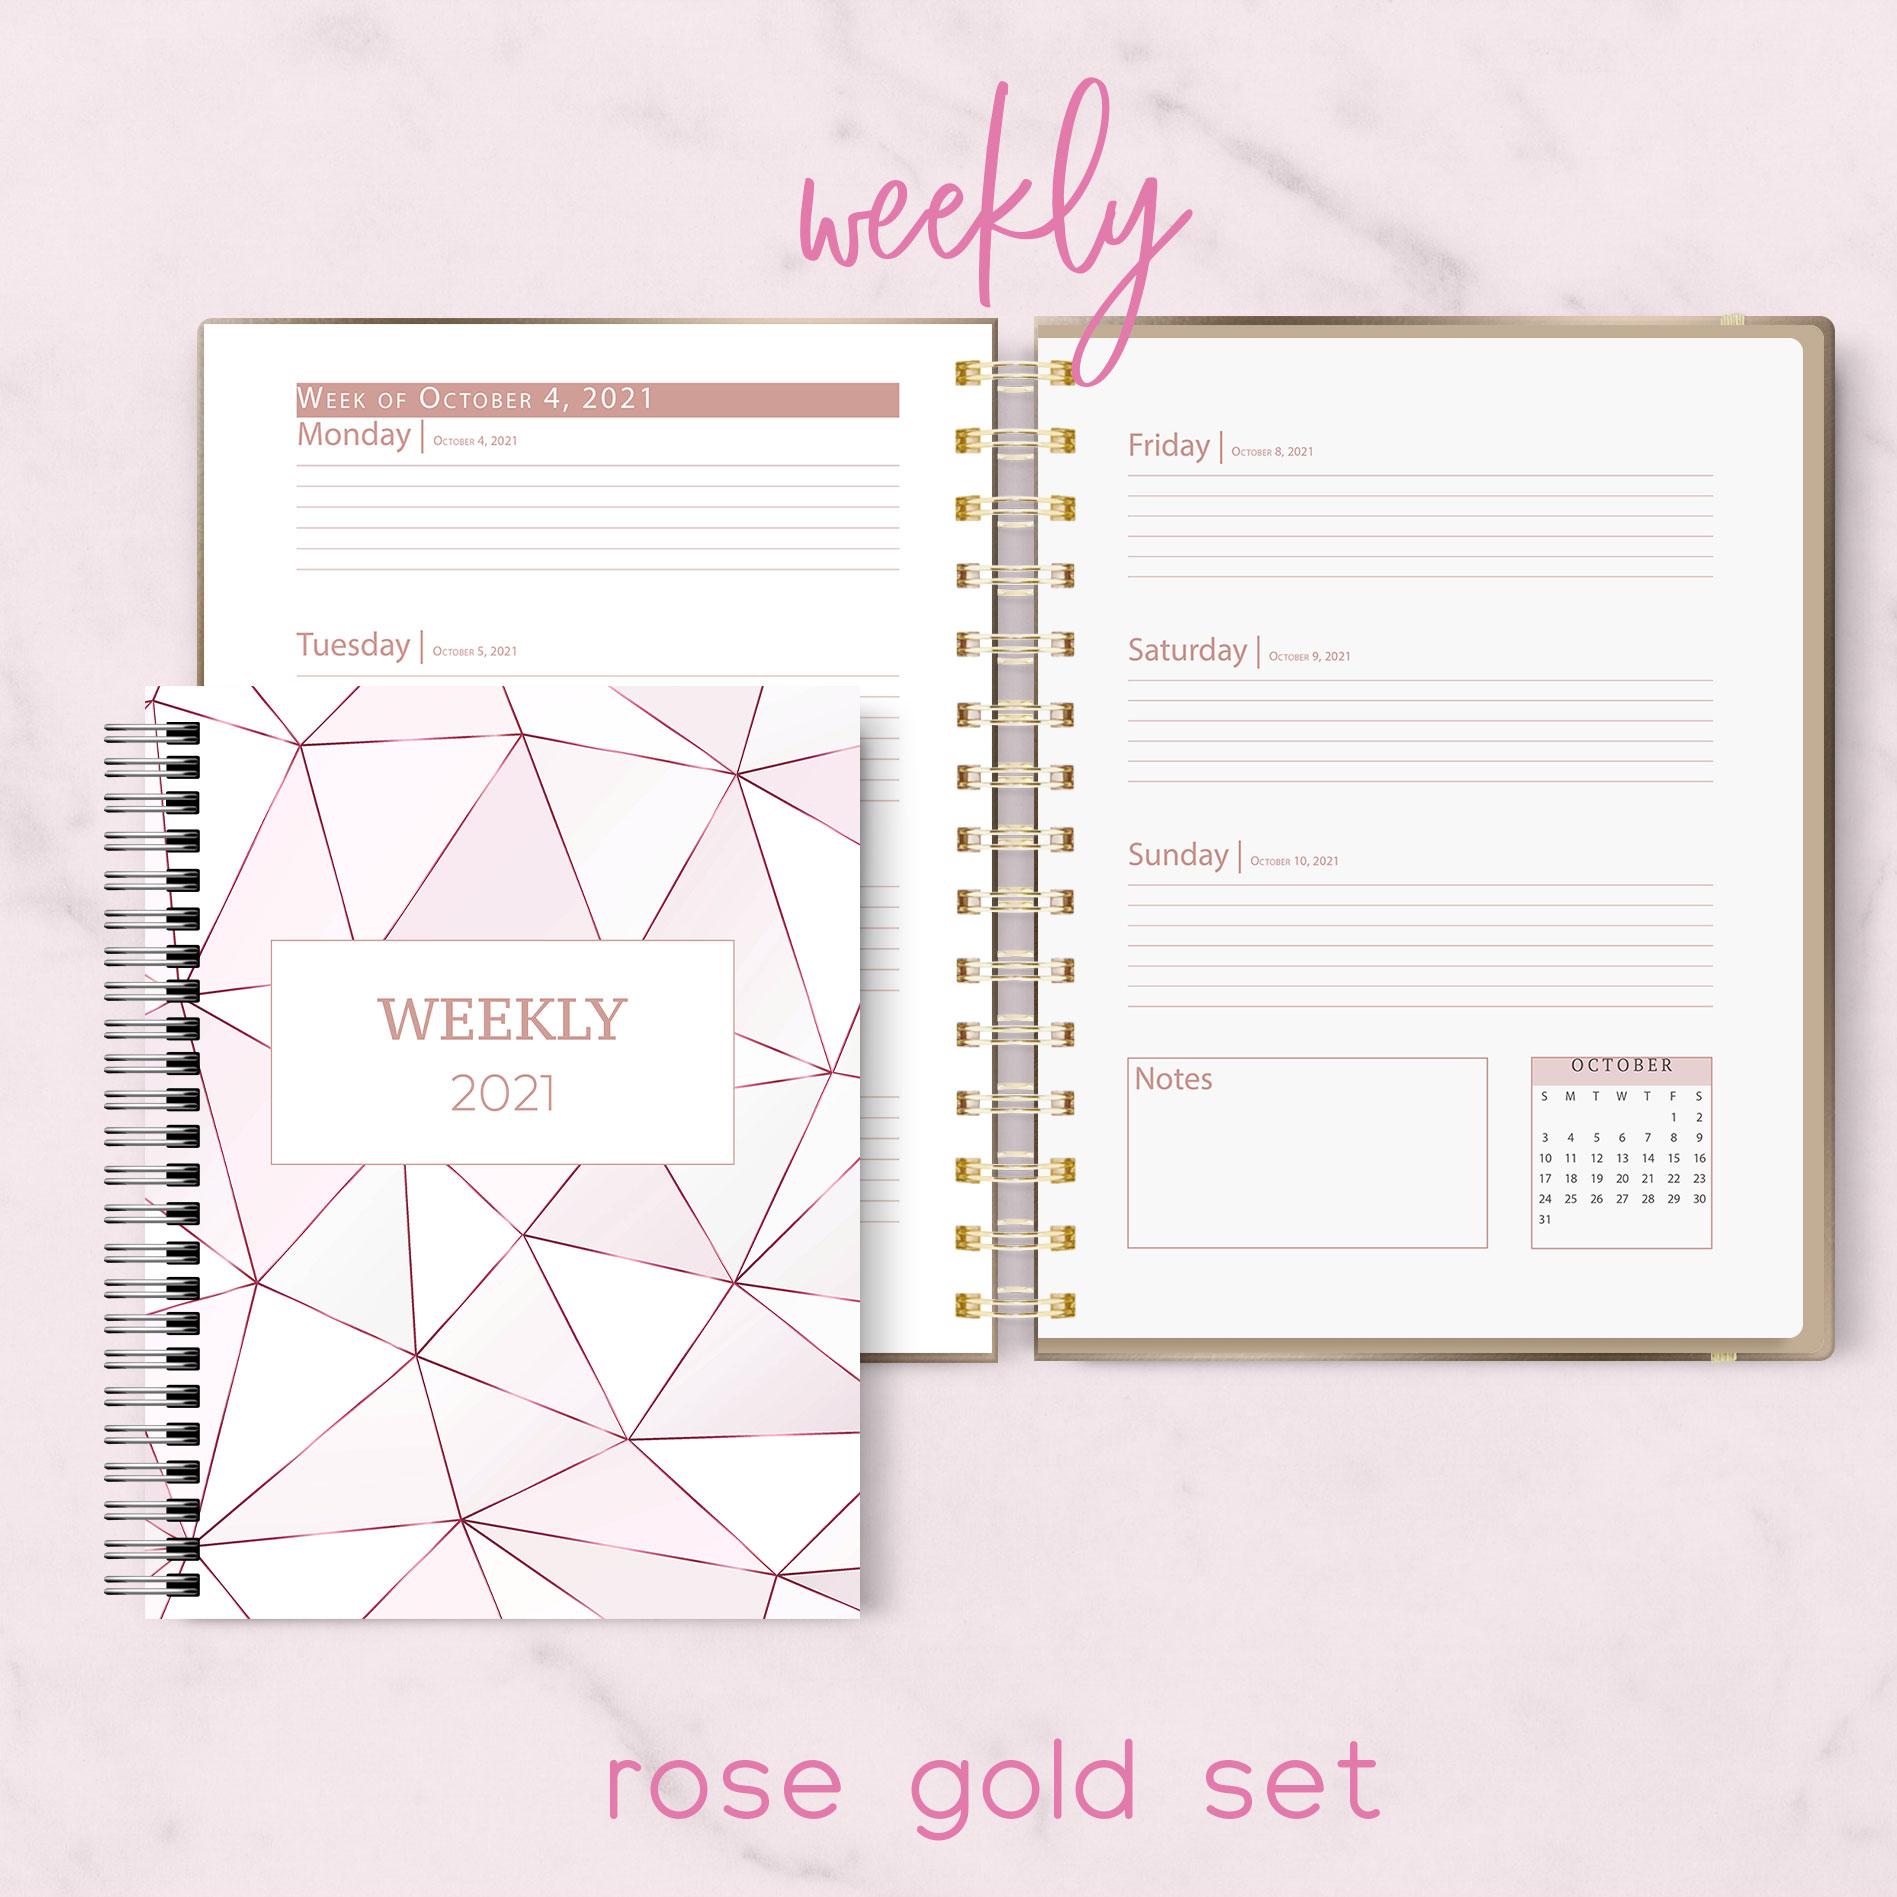 03 Website Weekly